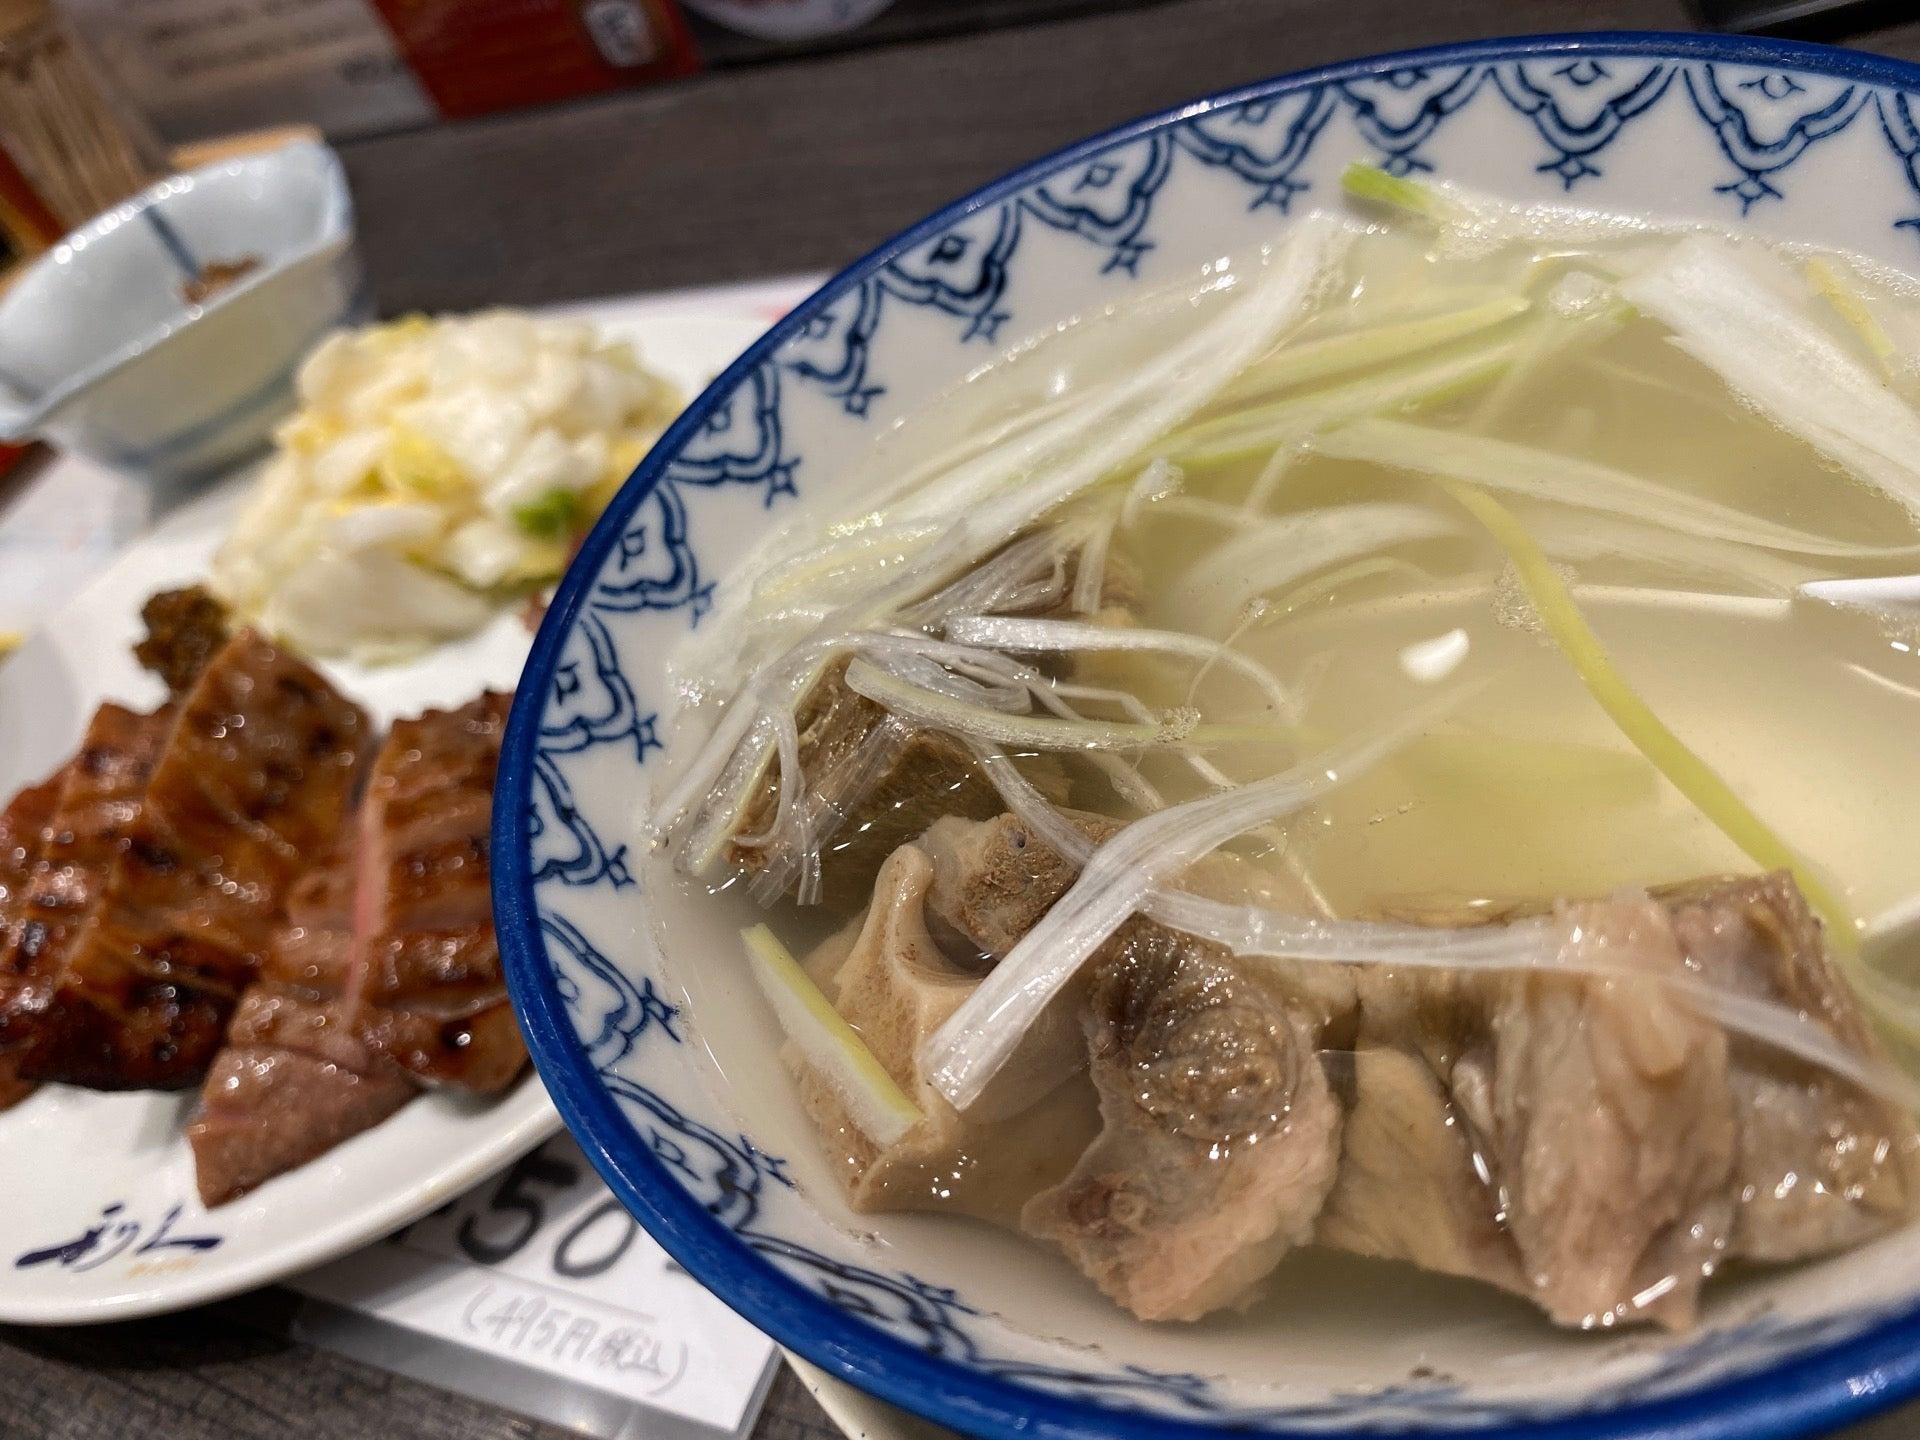 テールスープには骨とか肉とかごろっと入ってる。 (@ 牛たん炭焼 利久 in 名古屋市, 愛知県) https://t.co/UcvrOzh6AG https://t.co/36Y0Qm4DGv